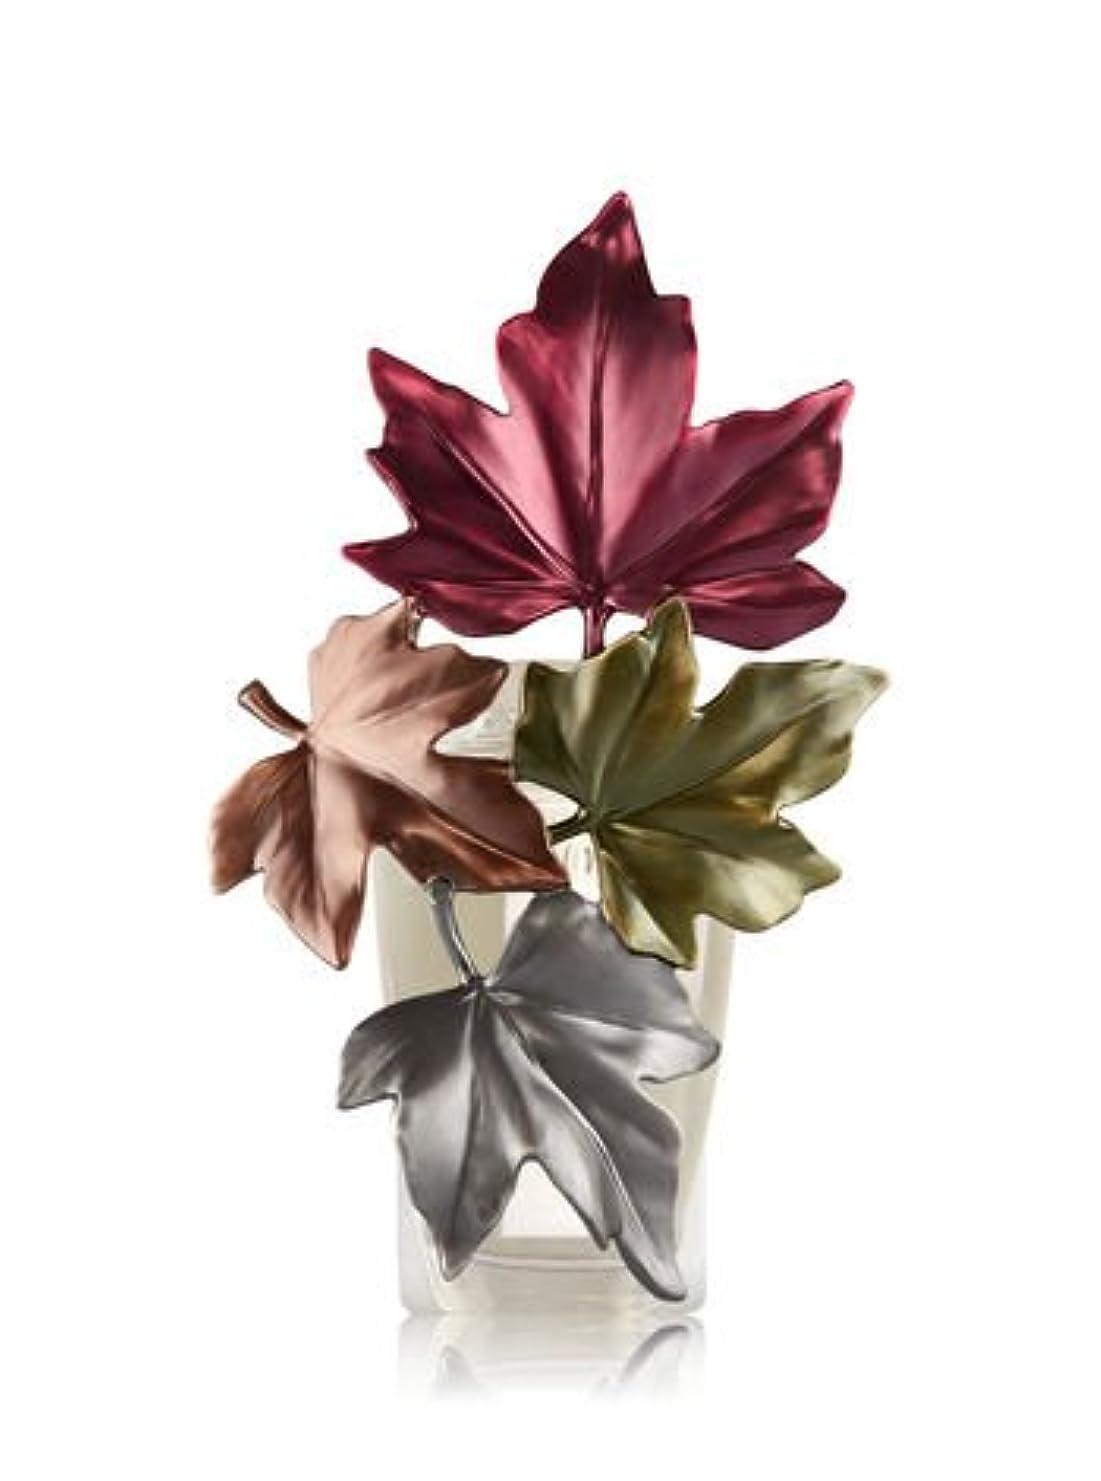 対立くるくる野心的【Bath&Body Works/バス&ボディワークス】 ルームフレグランス プラグインスターター (本体のみ) ラージフォールリーブスナイトライト Wallflowers Fragrance Large Fall Leaves...